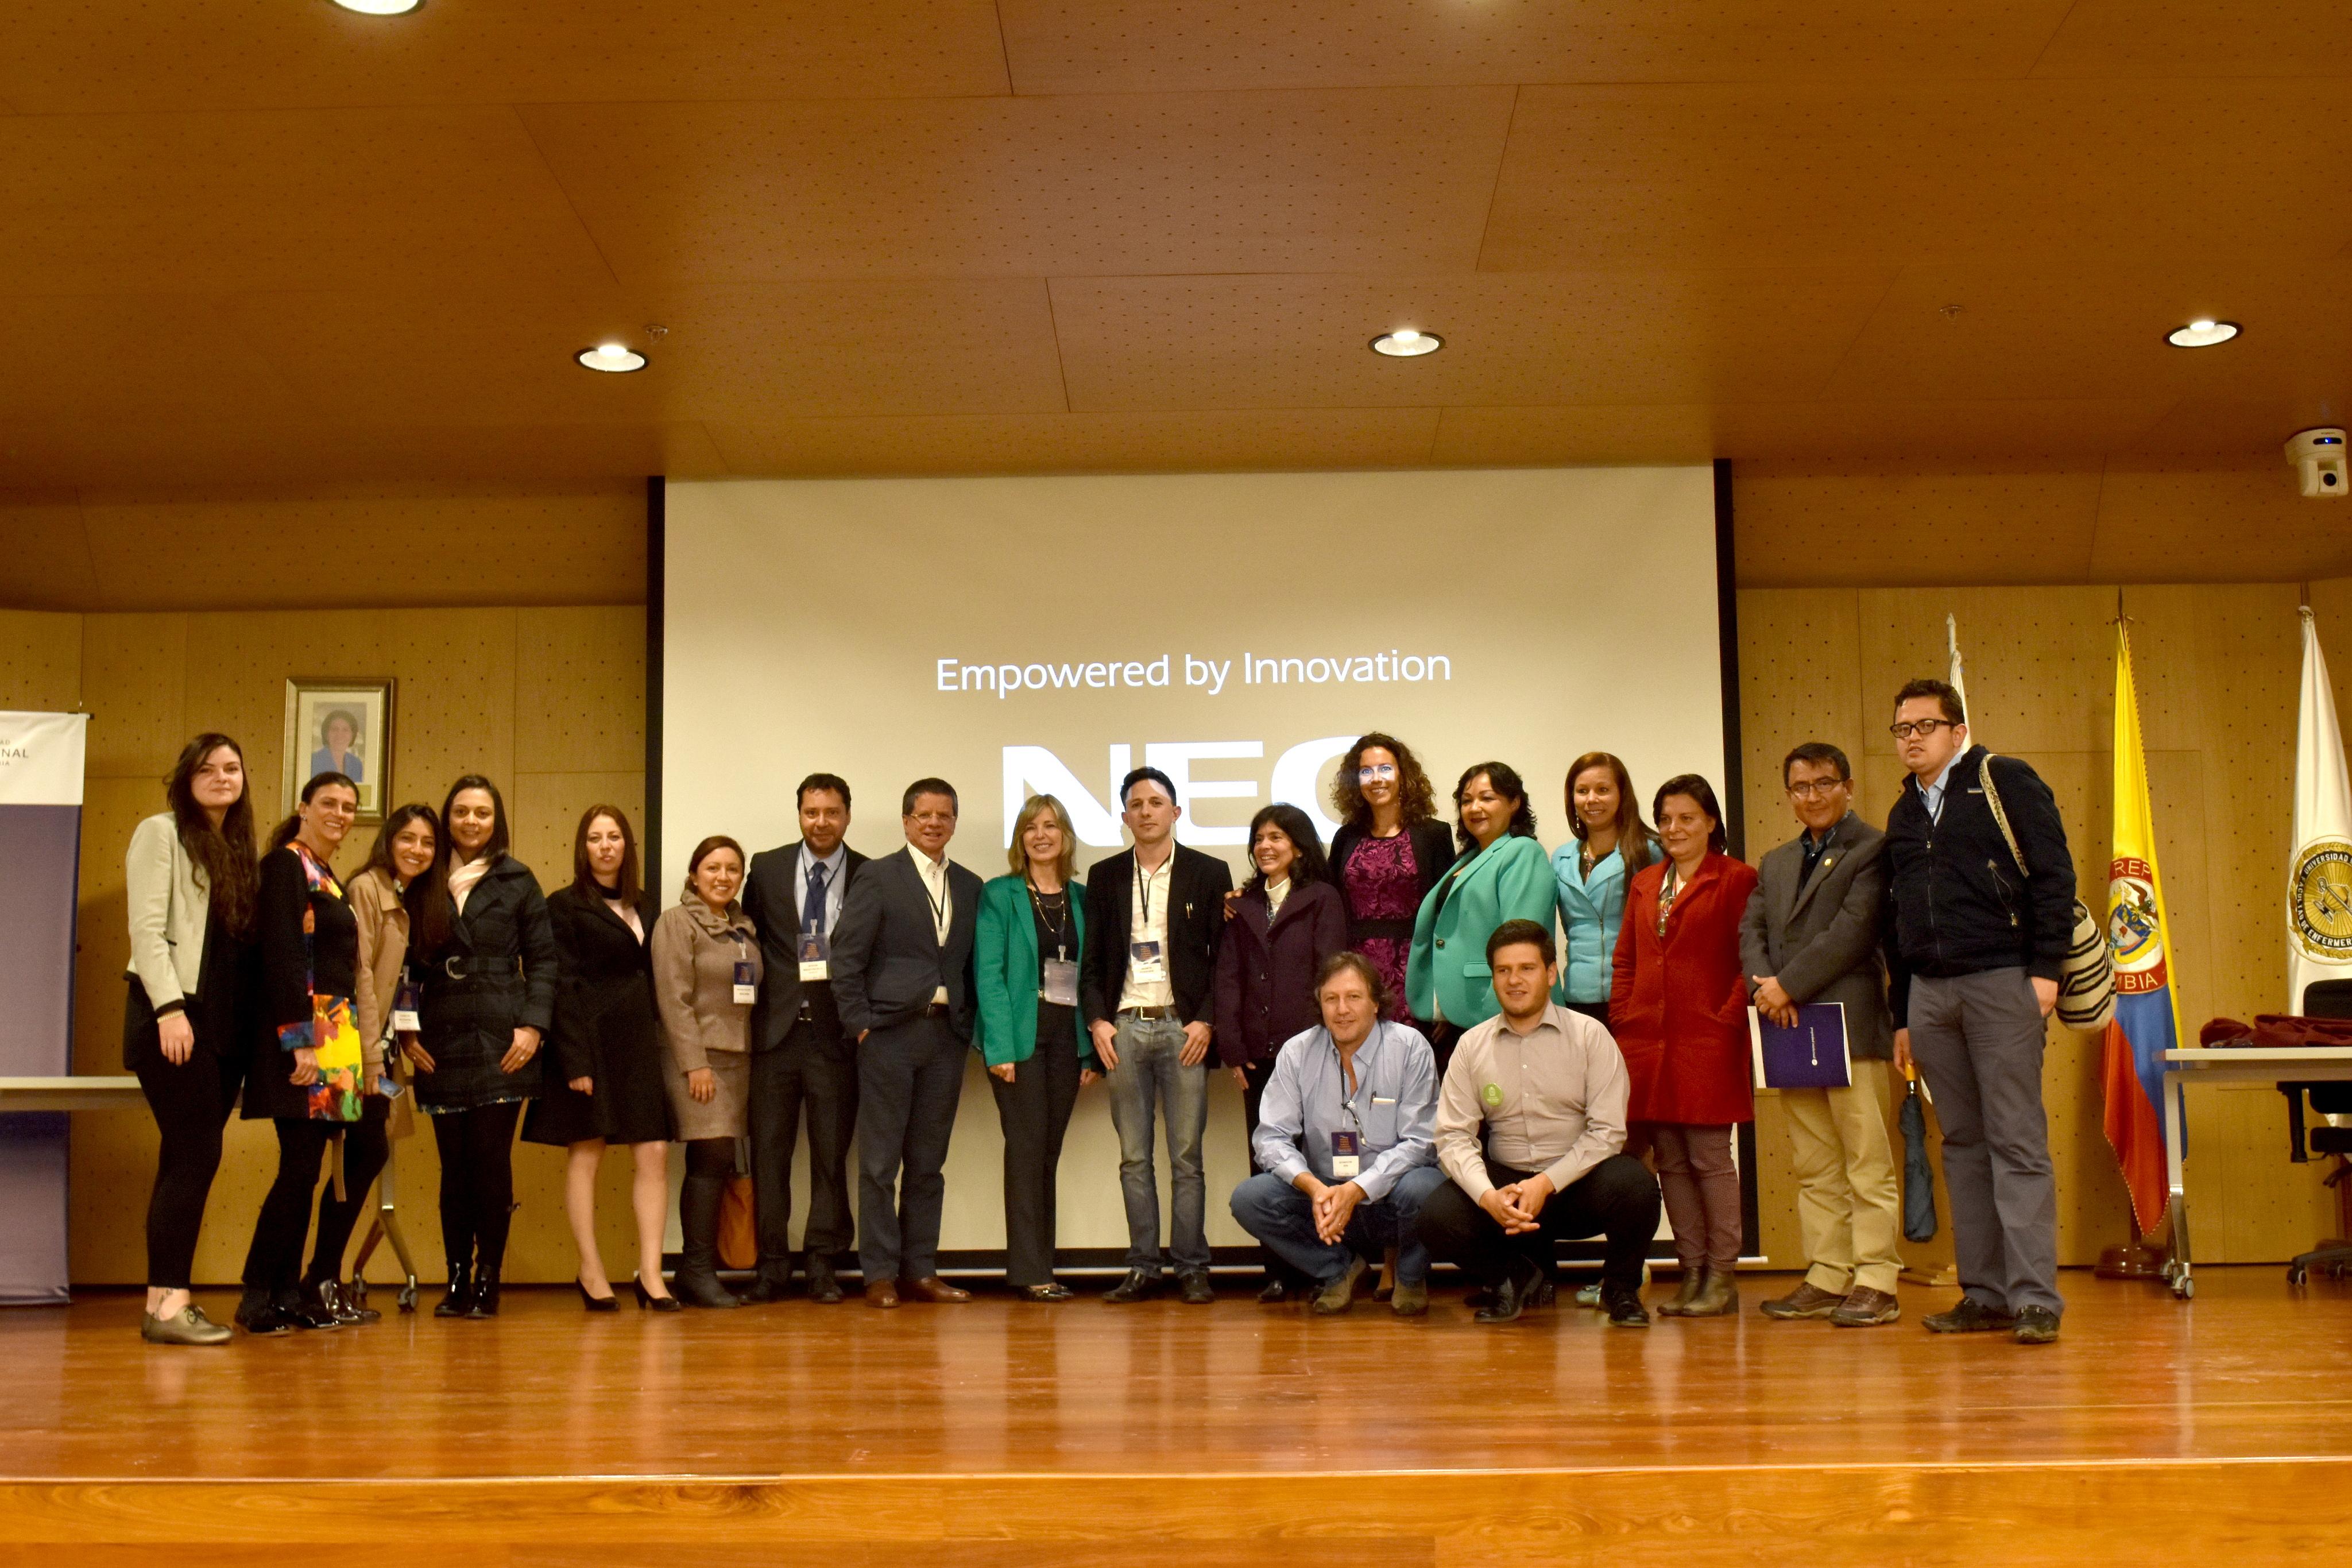 Foto: Aura Flechas / DNEIPI / Vicerrectoría de Investigación, Universidad Nacional de Colombia